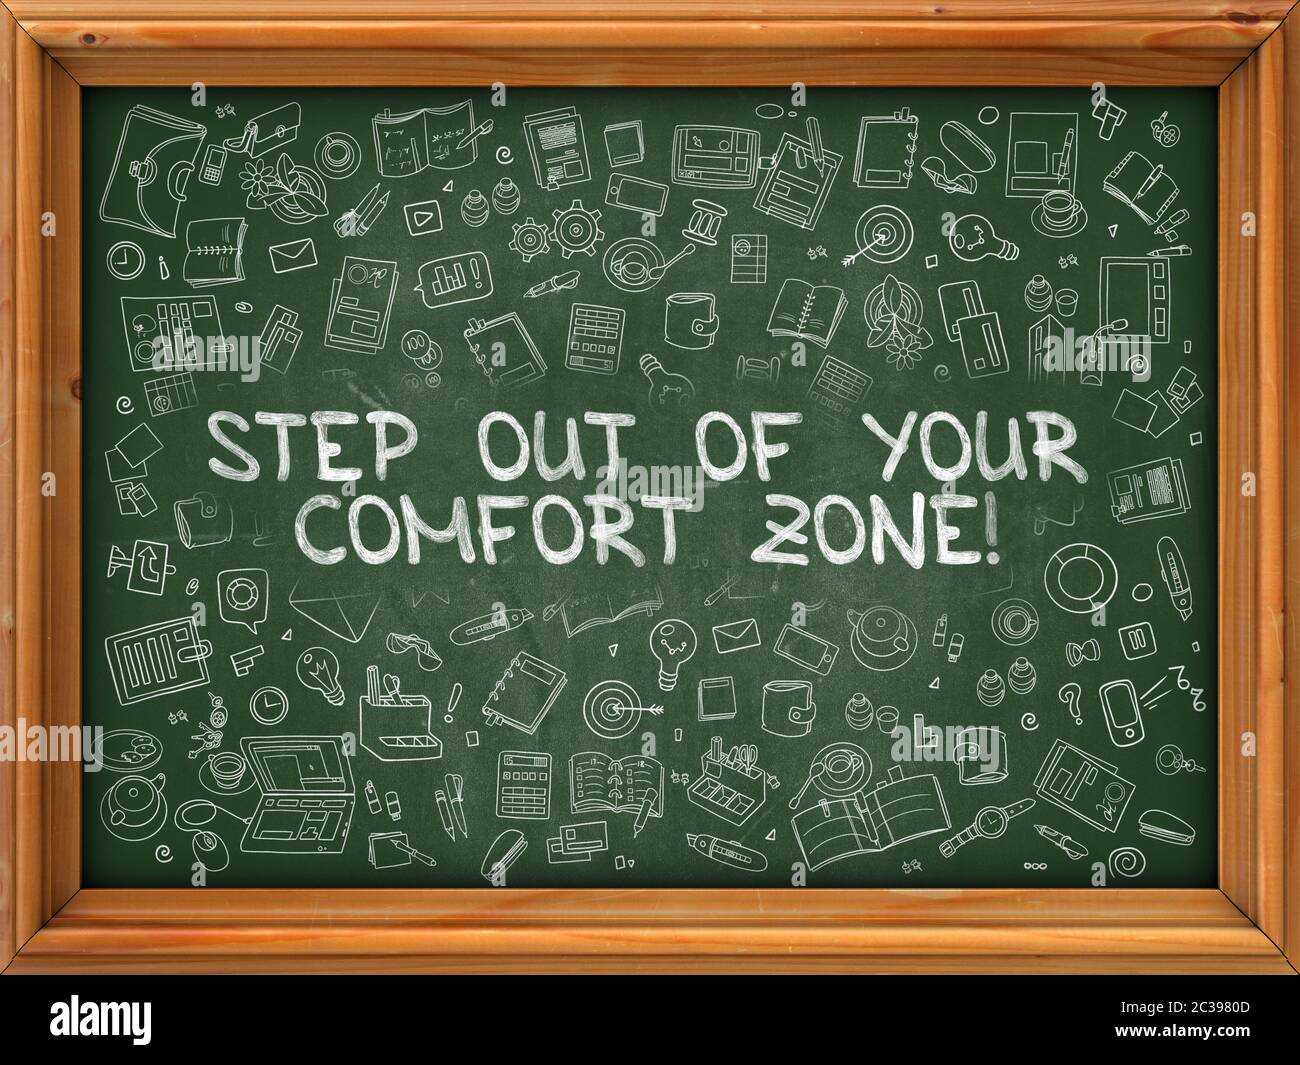 Treten Sie aus Ihrer Comfort Zone - Hand gezeichnet auf Kreidetafel. Verlassen Sie Ihre Komfortzone mit Doodle Icons. Stockfoto